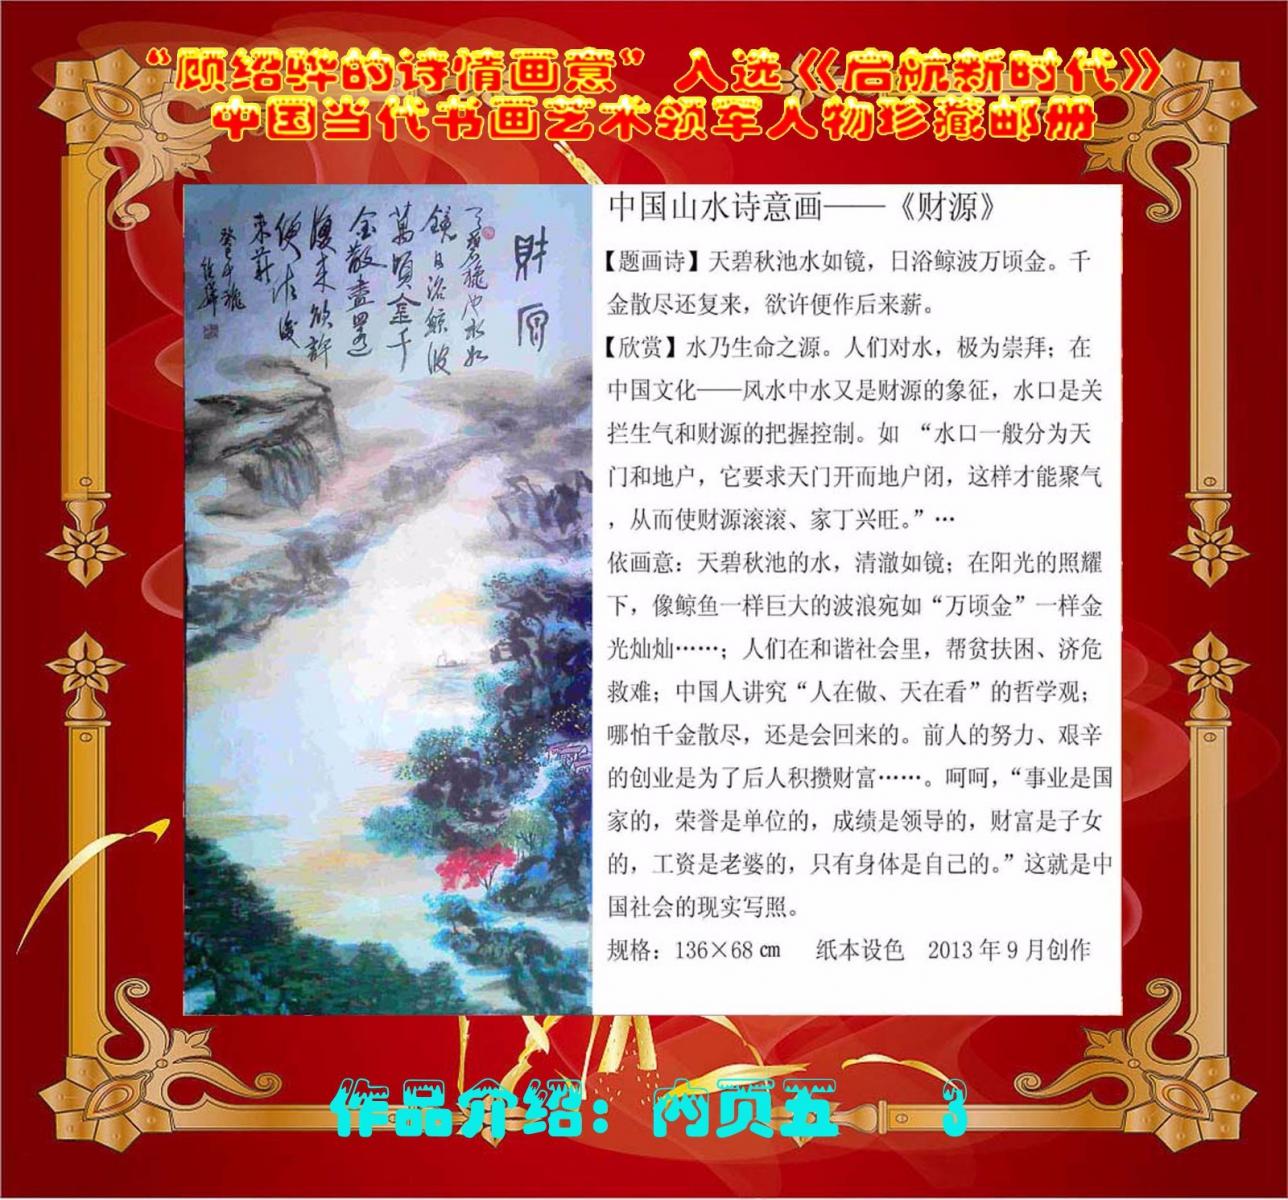 """""""顾绍骅的诗情画意""""入选《启航新时代》中国当代书画艺术领军人物珍藏集邮册 ... ..._图1-20"""